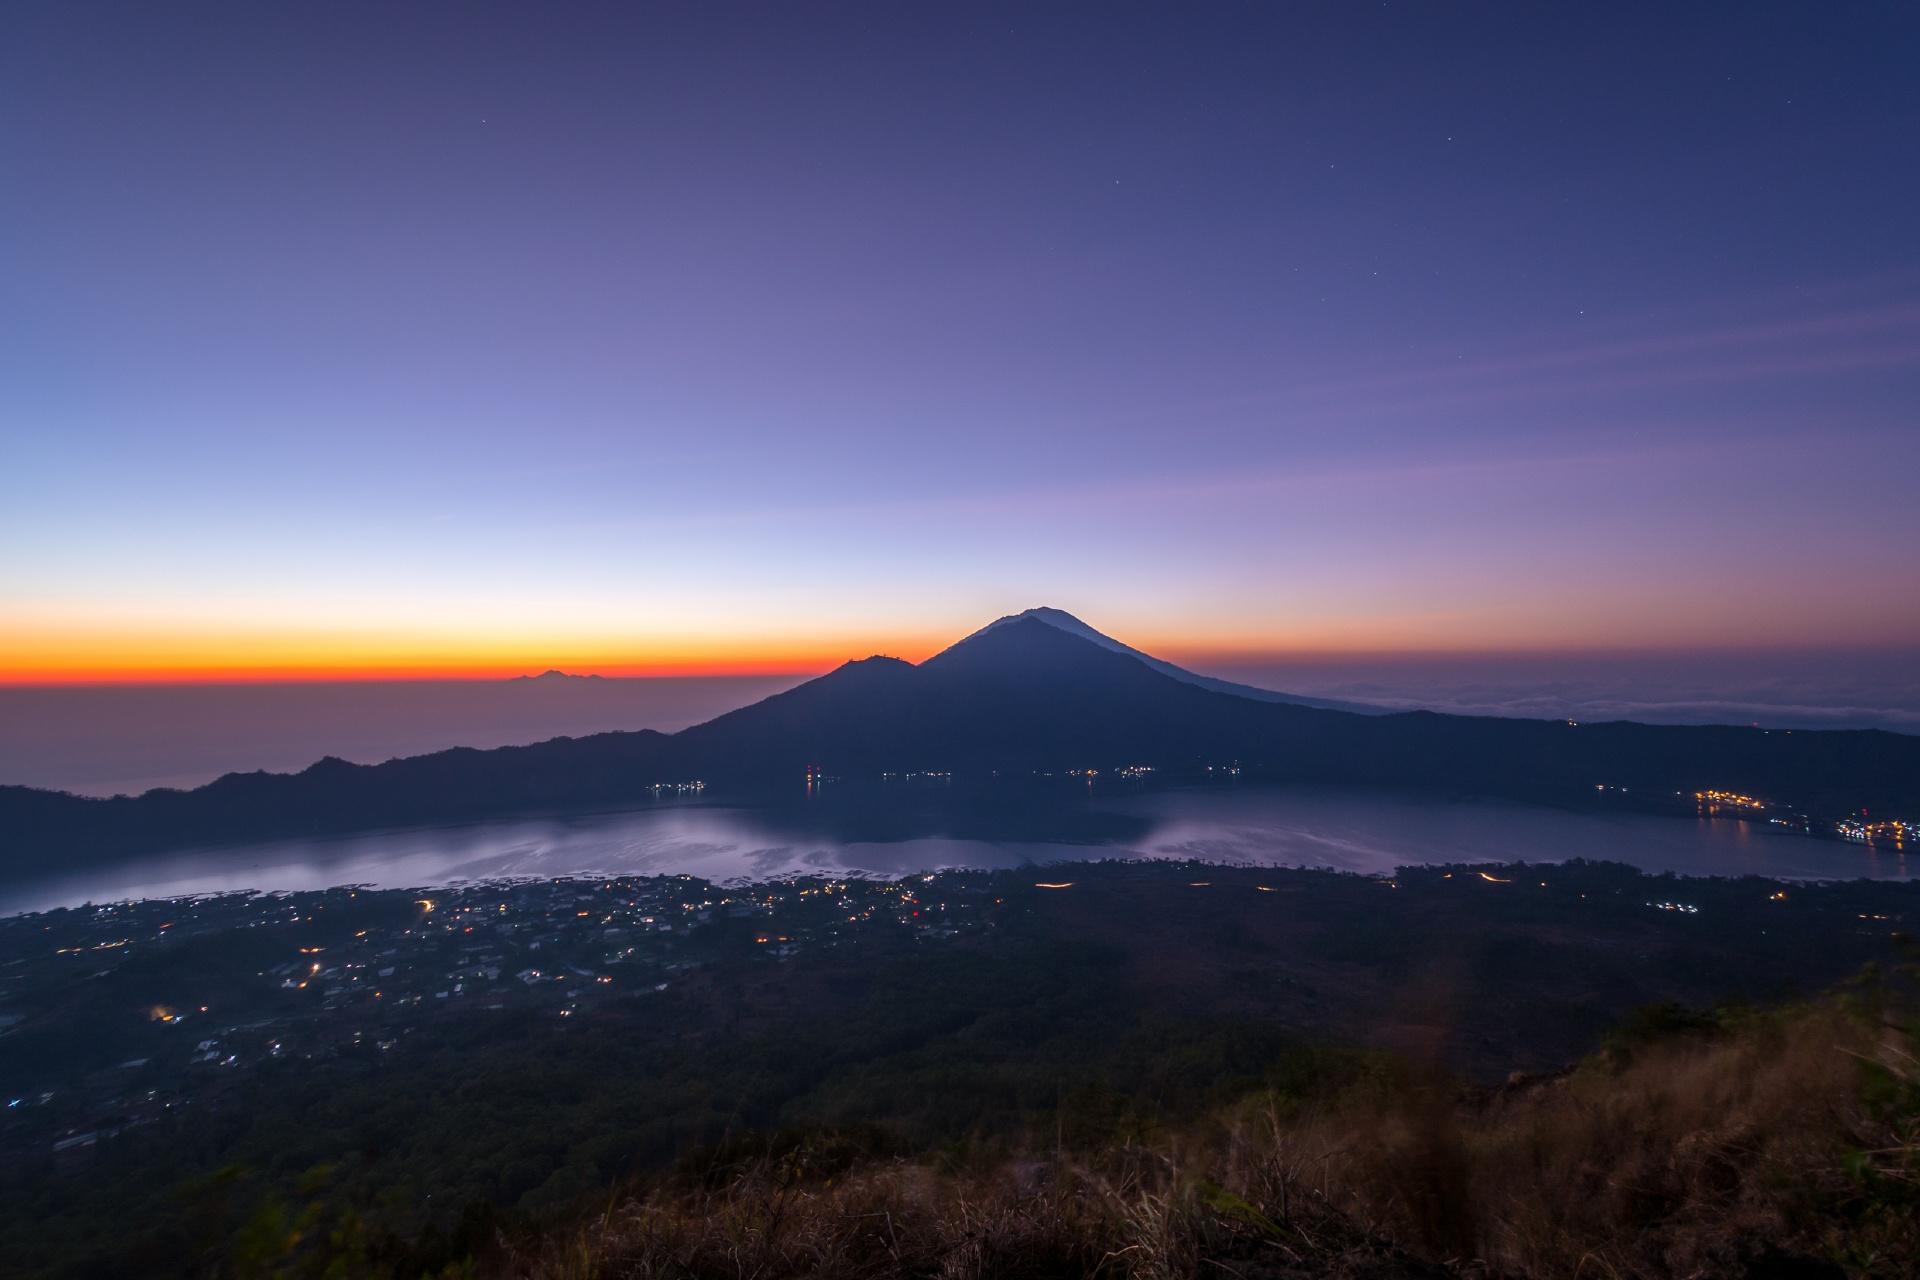 早朝のバトゥール山 インドネシアの風景